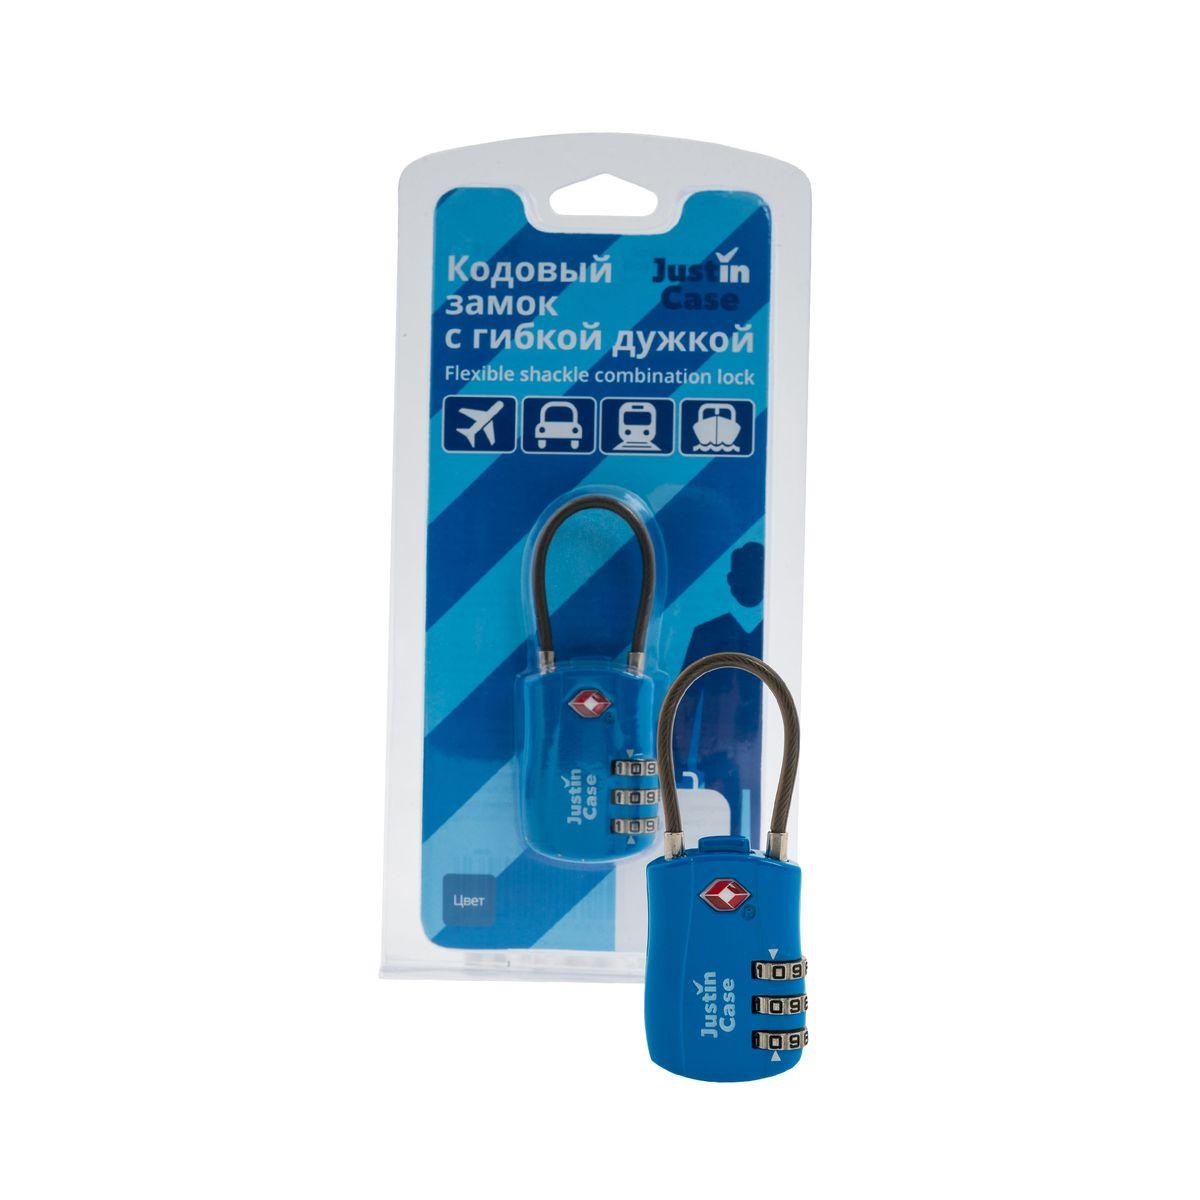 """Кодовый замок для багажа JustinCase """"3-Dial Lock TSA"""" с гибкой дужкой надежно защитит ваш чемодан. Прочный корпус из цинкового сплава гарантирует долговечность, а кодовый механизм позволяет установить свою собственную секретную комбинацию. Гибкая дужка обеспечивает удобную фиксацию замка на багаже. Замок одобрен TSA, что означает, что он может быть открыт специальными службами аэропорта без нанесения повреждений."""